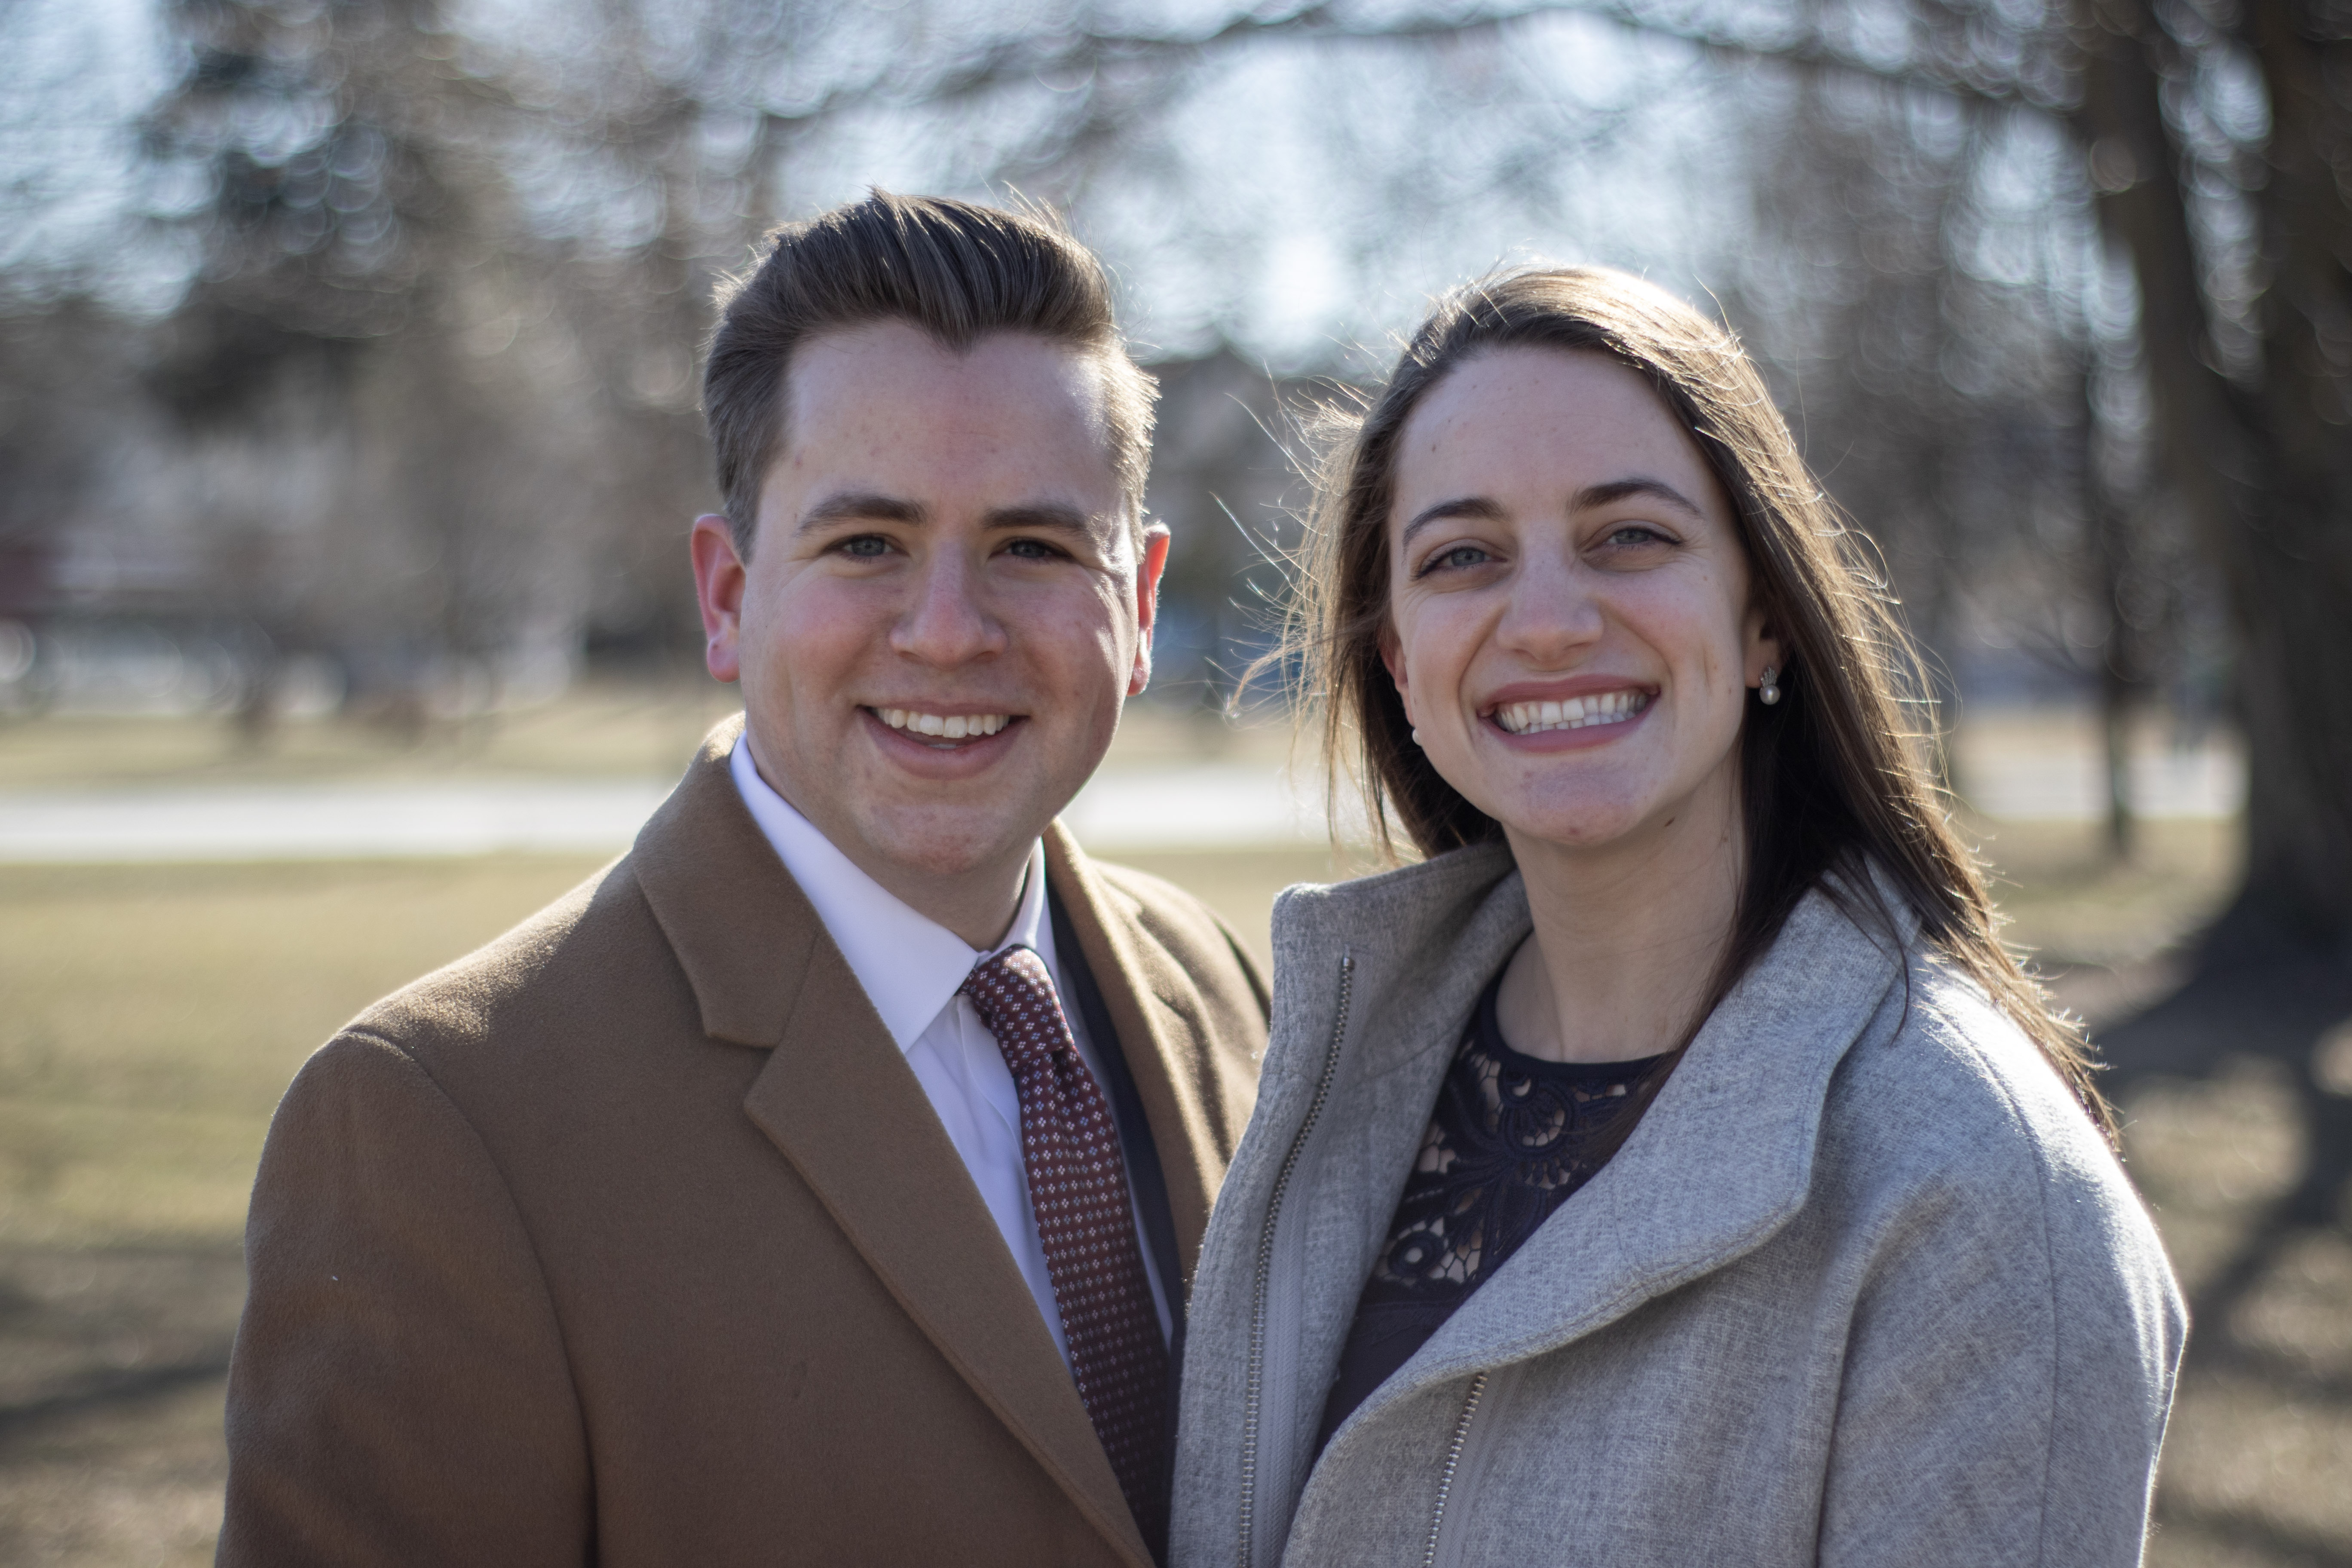 Greg and Megan Vartan